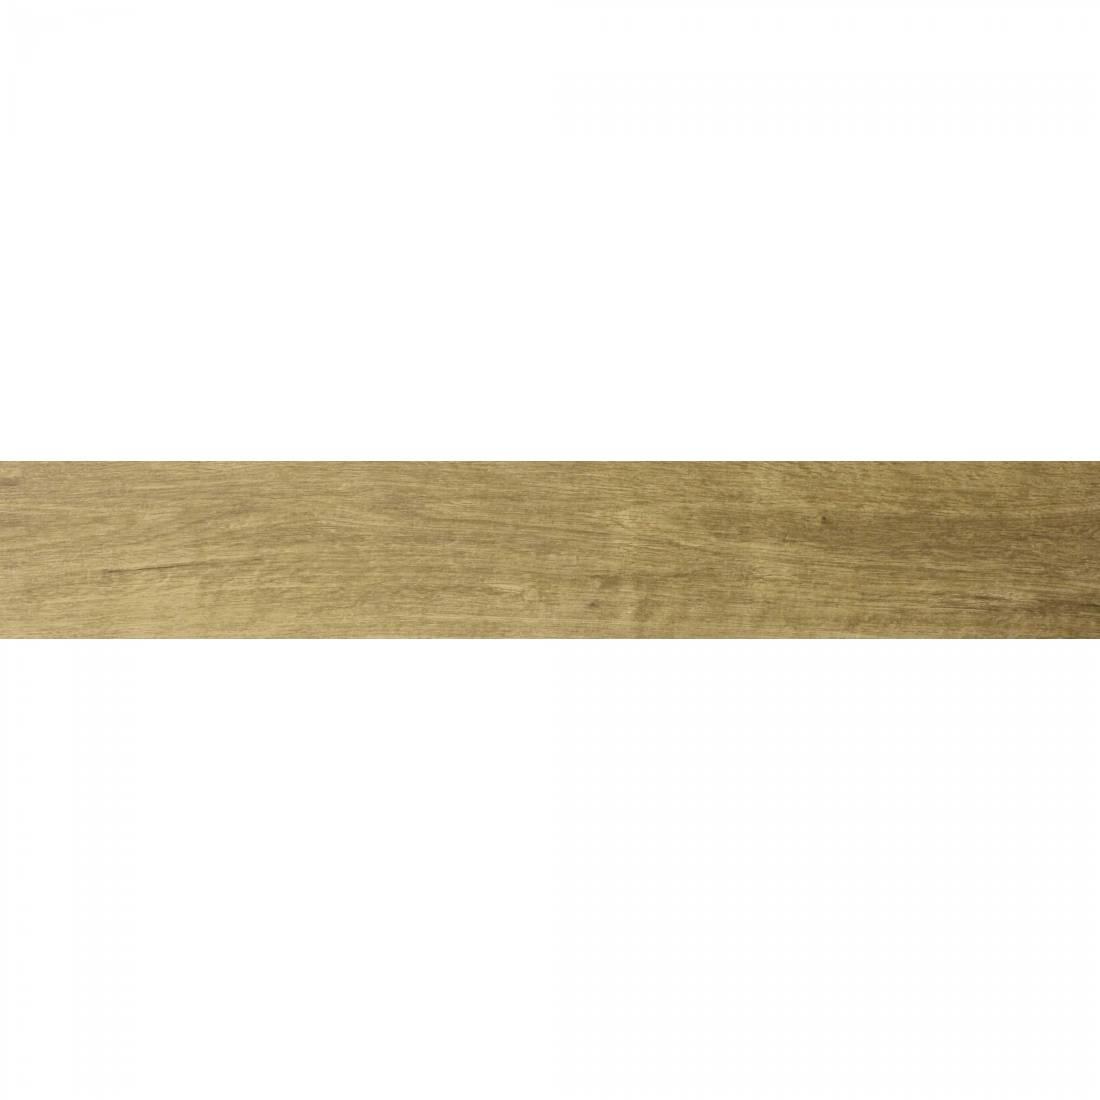 Timber 15x90 Gold Matt 1